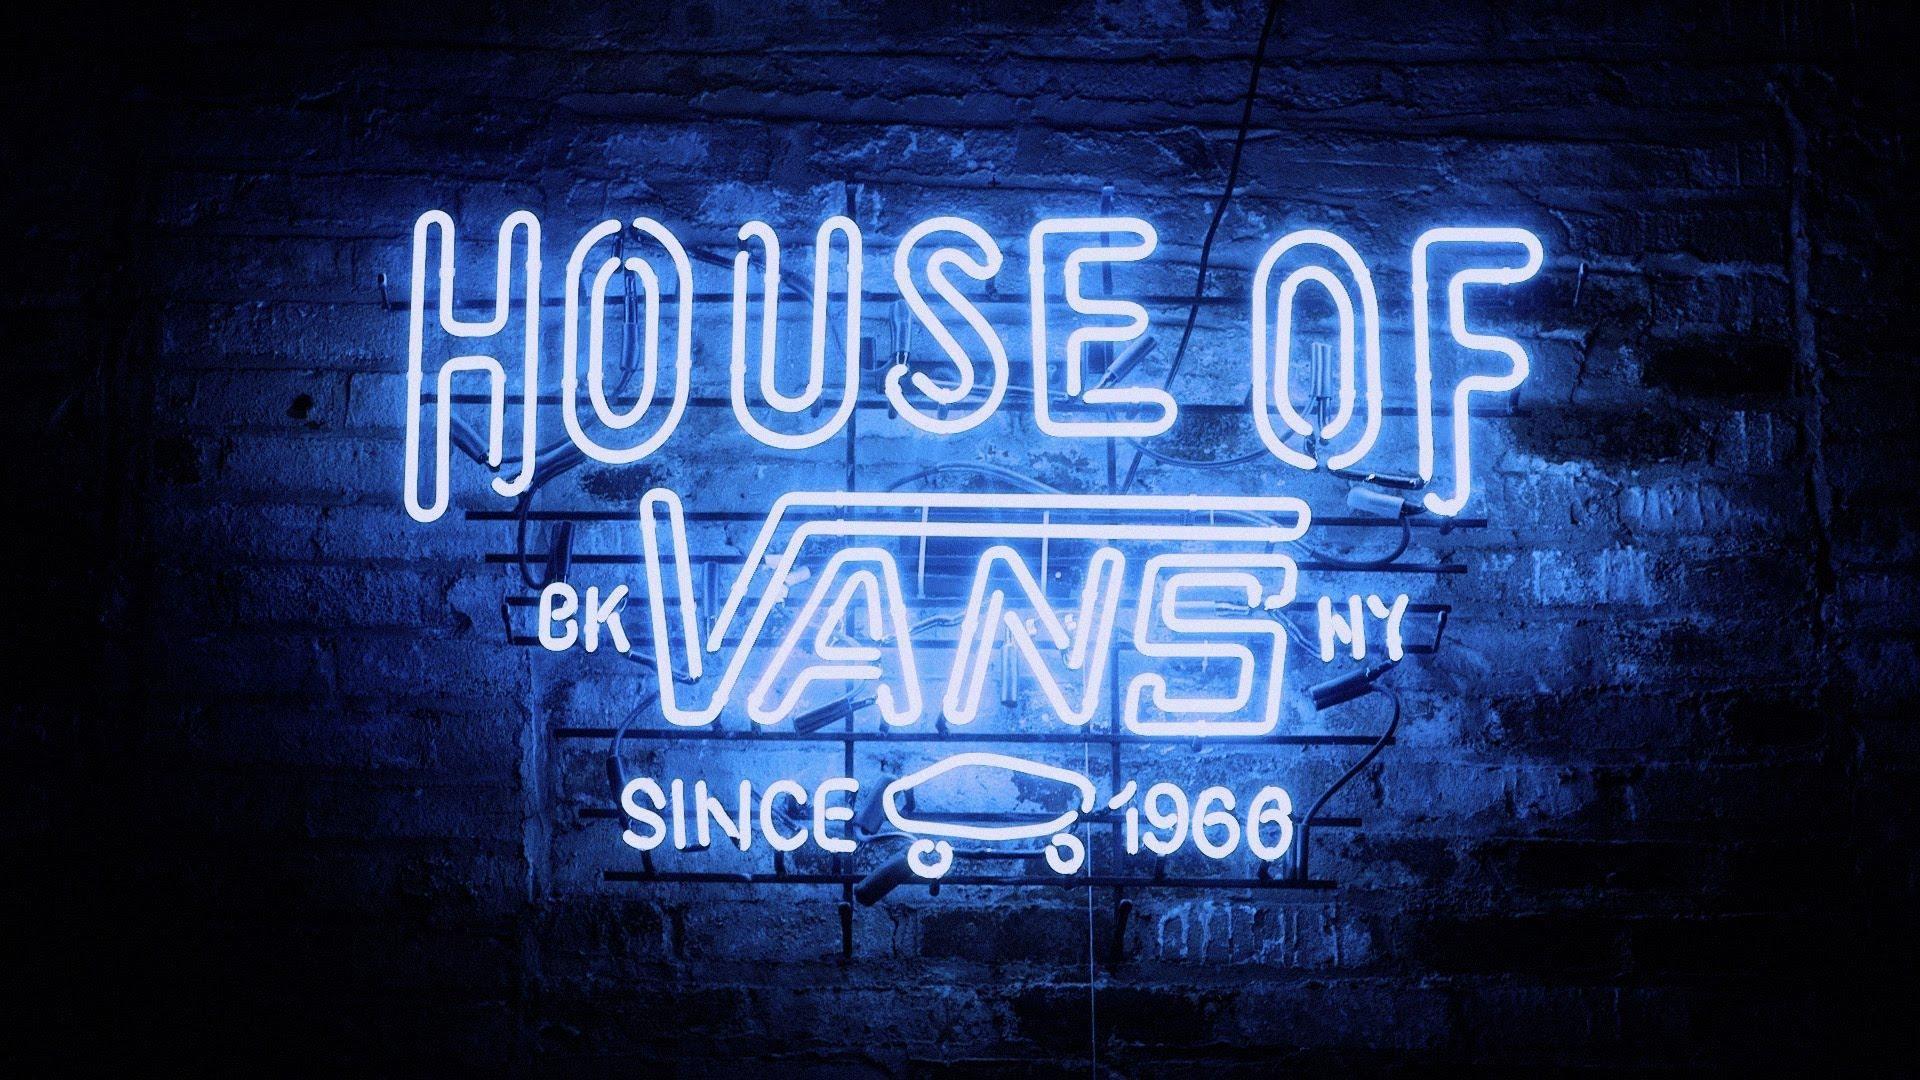 … vans wallpaper hd …